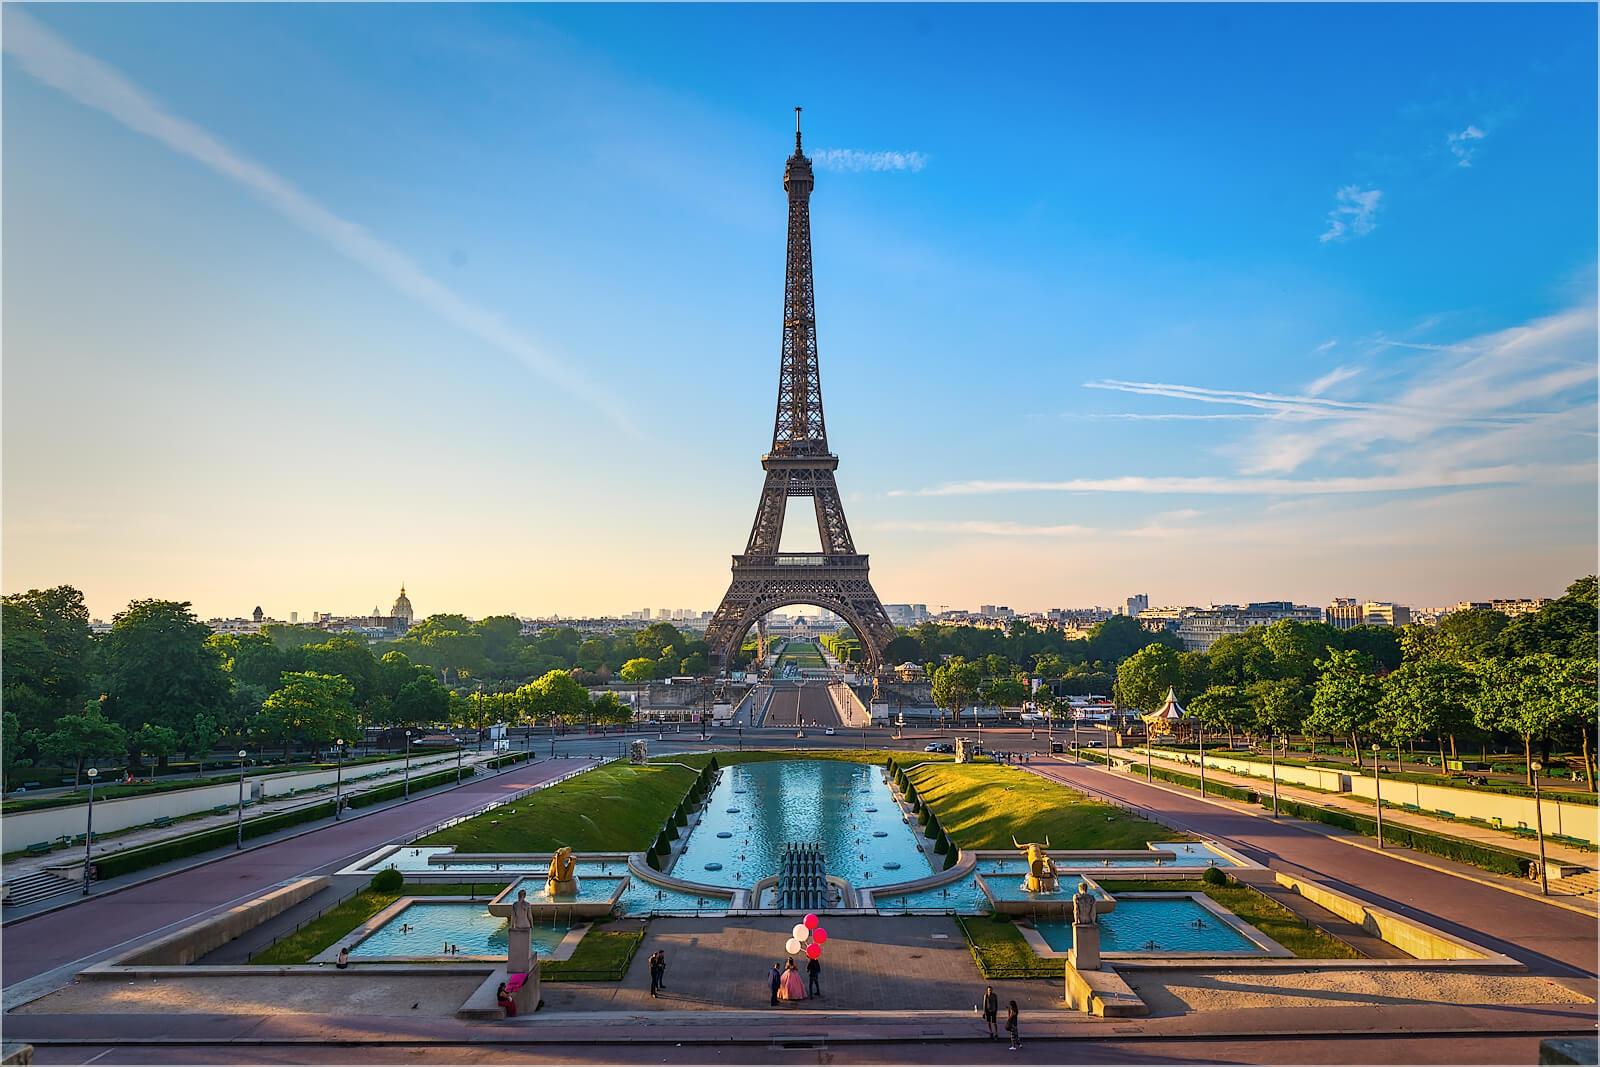 Wanddeko Eiffelturm Paris im Morgenlicht